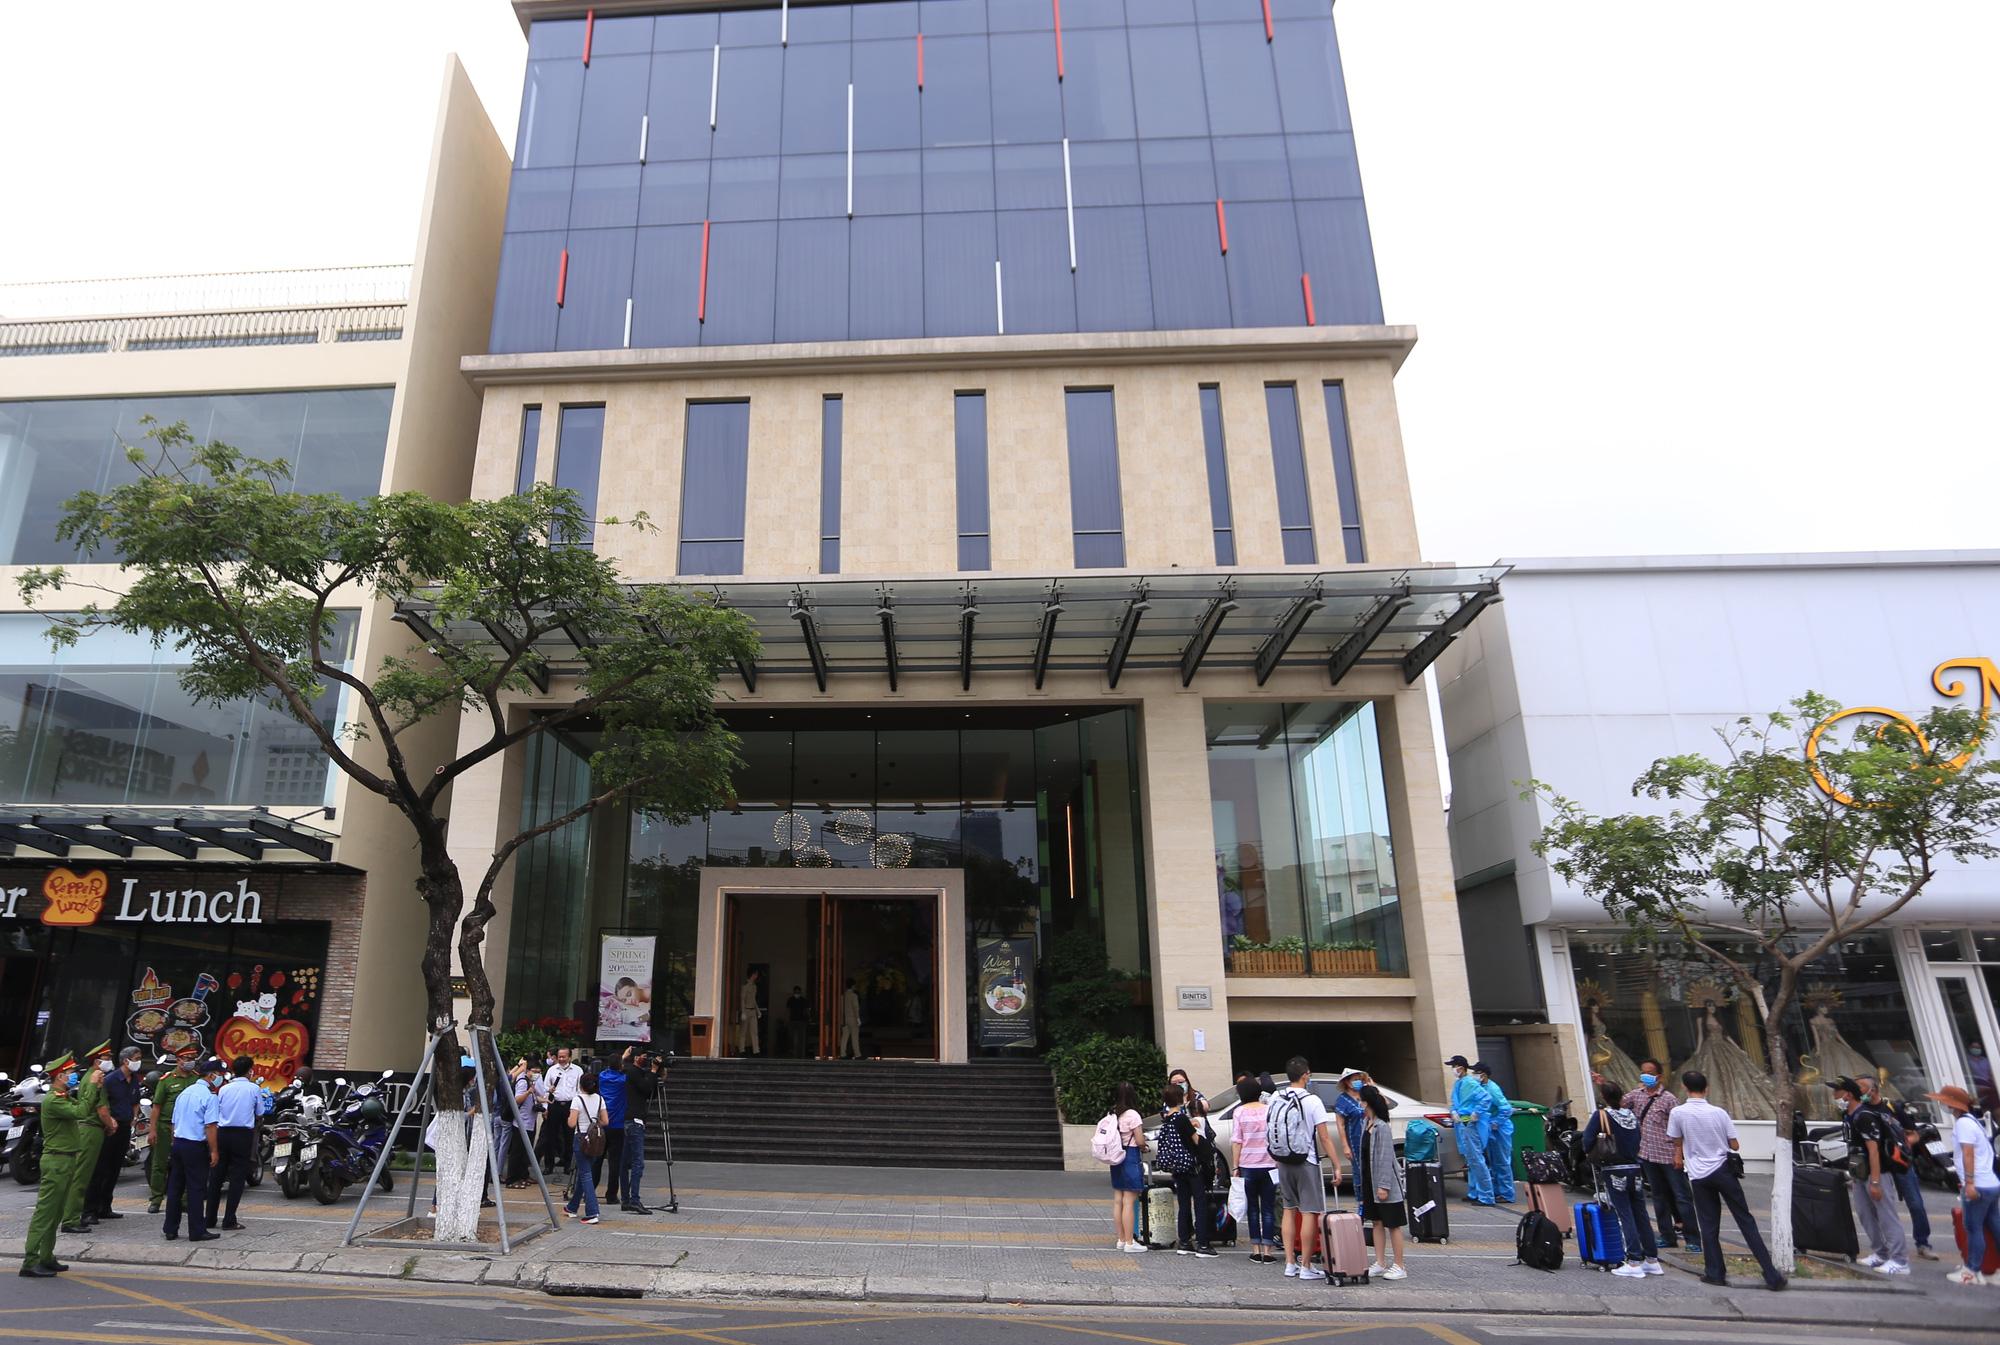 Du khách nước ngoài vui mừng rời khu cách ly ở Đà Nẵng: Cảm ơn các bạn và chúng tôi sẽ quay lại vào một ngày thuận lợi hơn - Ảnh 5.